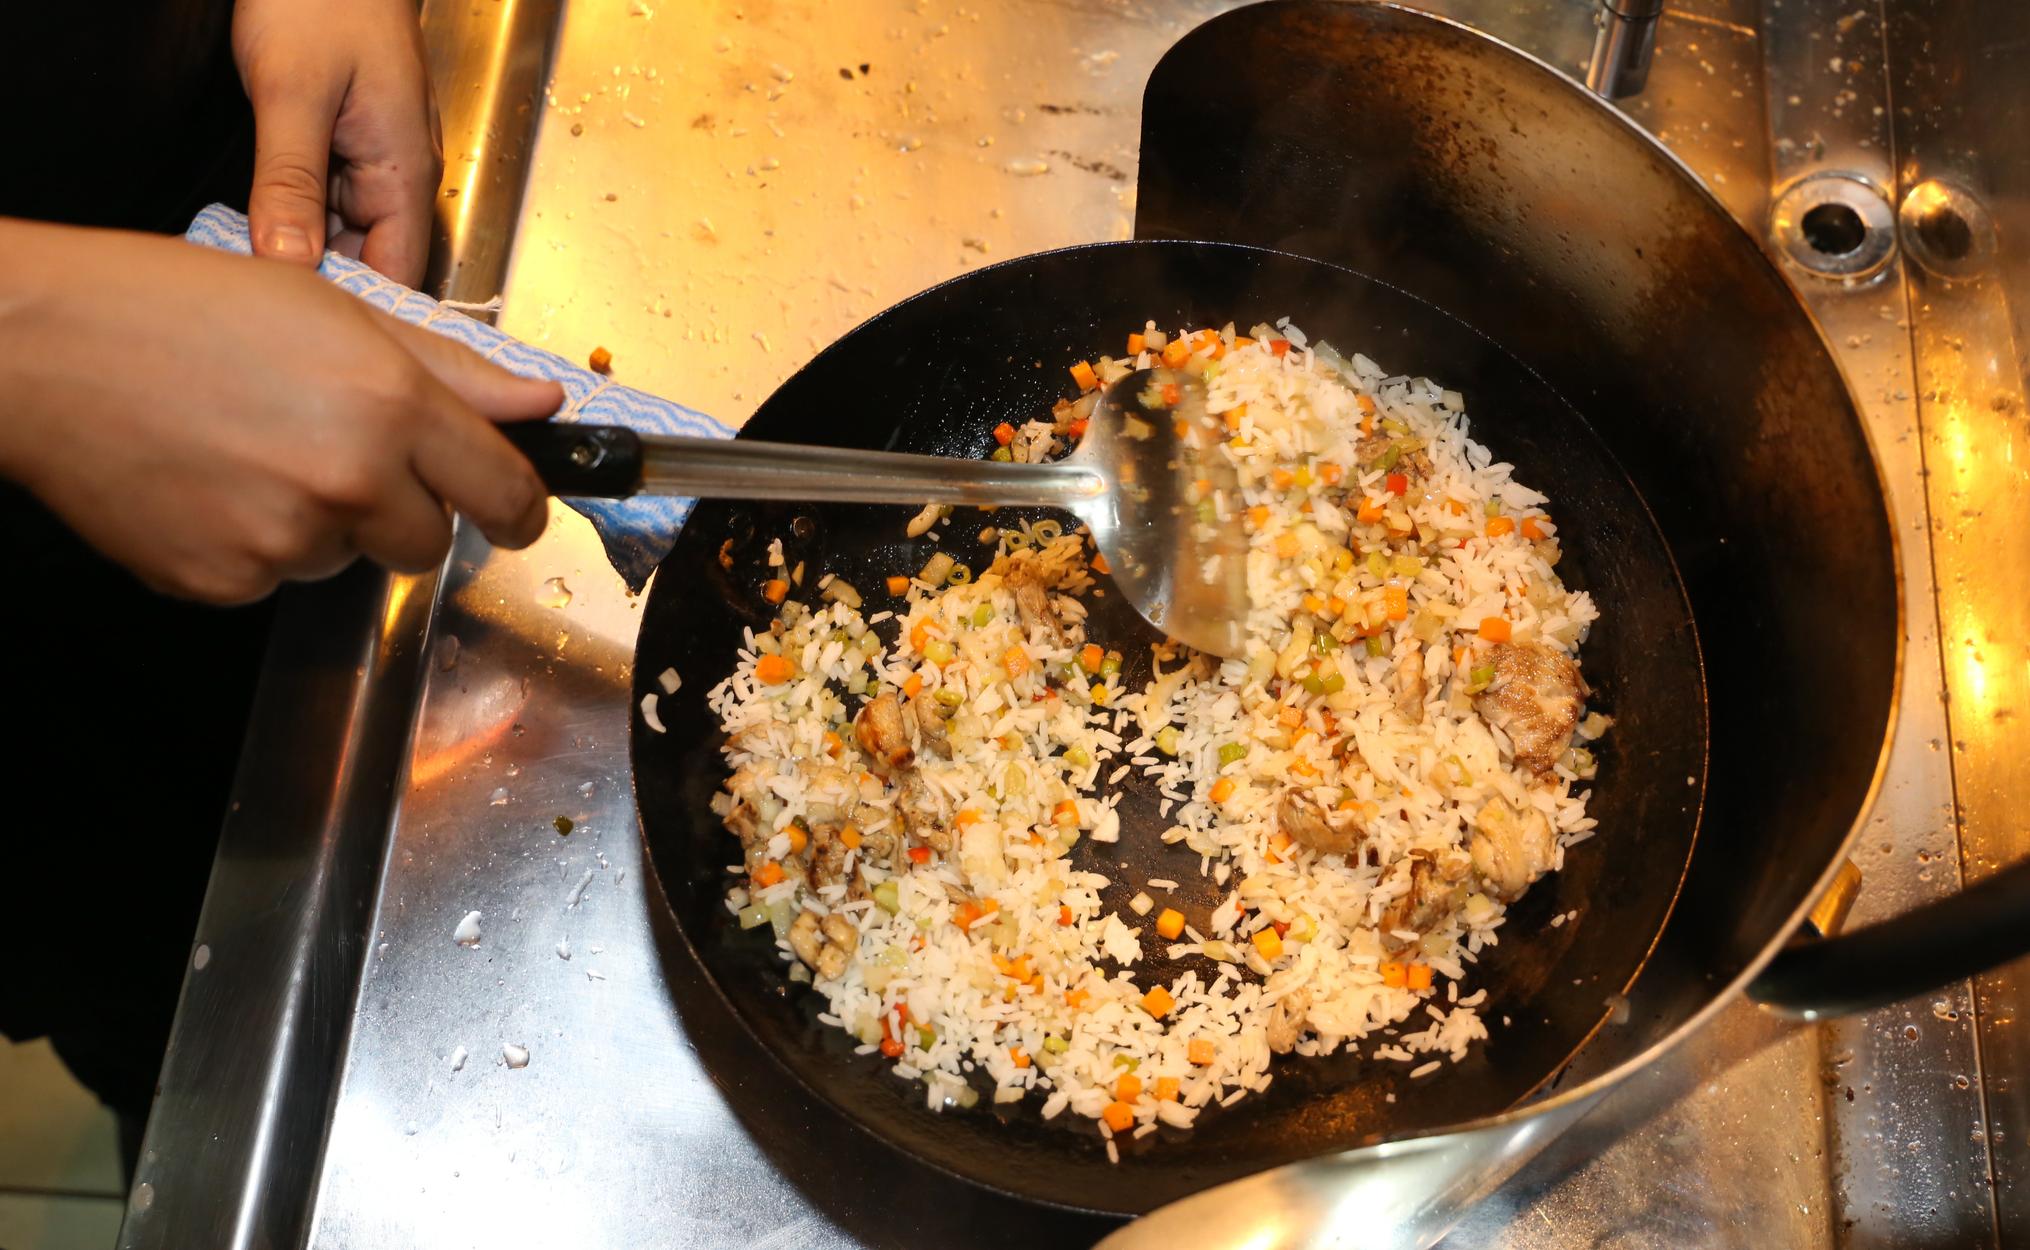 Aqui, preparação do mee krob, o prato tailandês bastante conhecido (Foto: Paulo Francis)